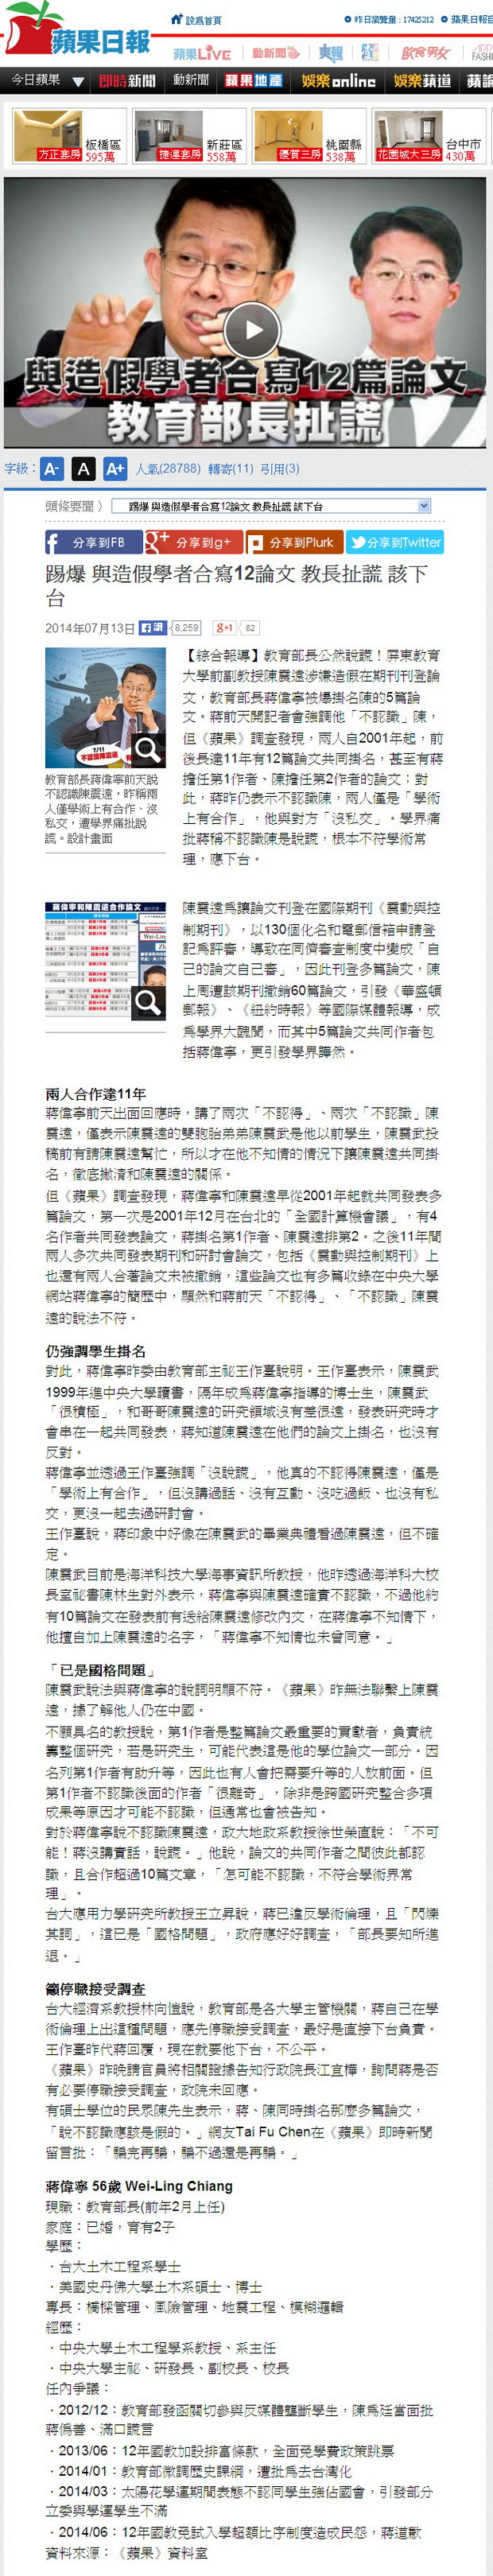 踢爆 與造假學者合寫12論文 教長扯謊 該下台-2014.07.13.jpg